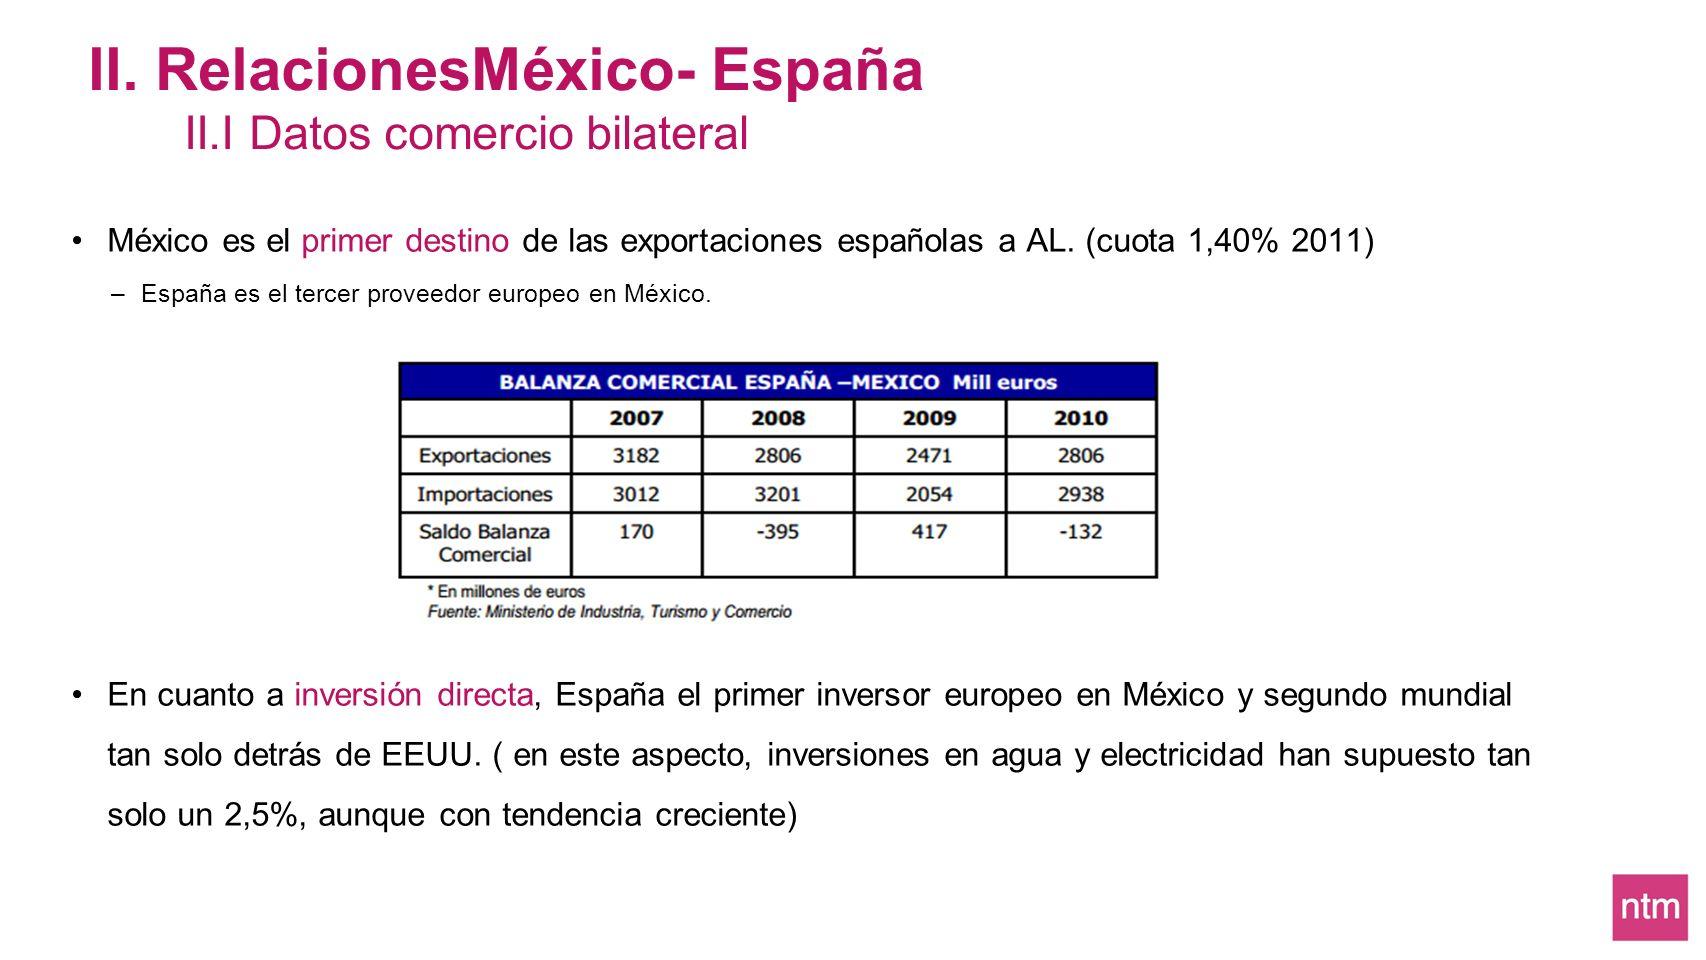 II. RelacionesMéxico- España